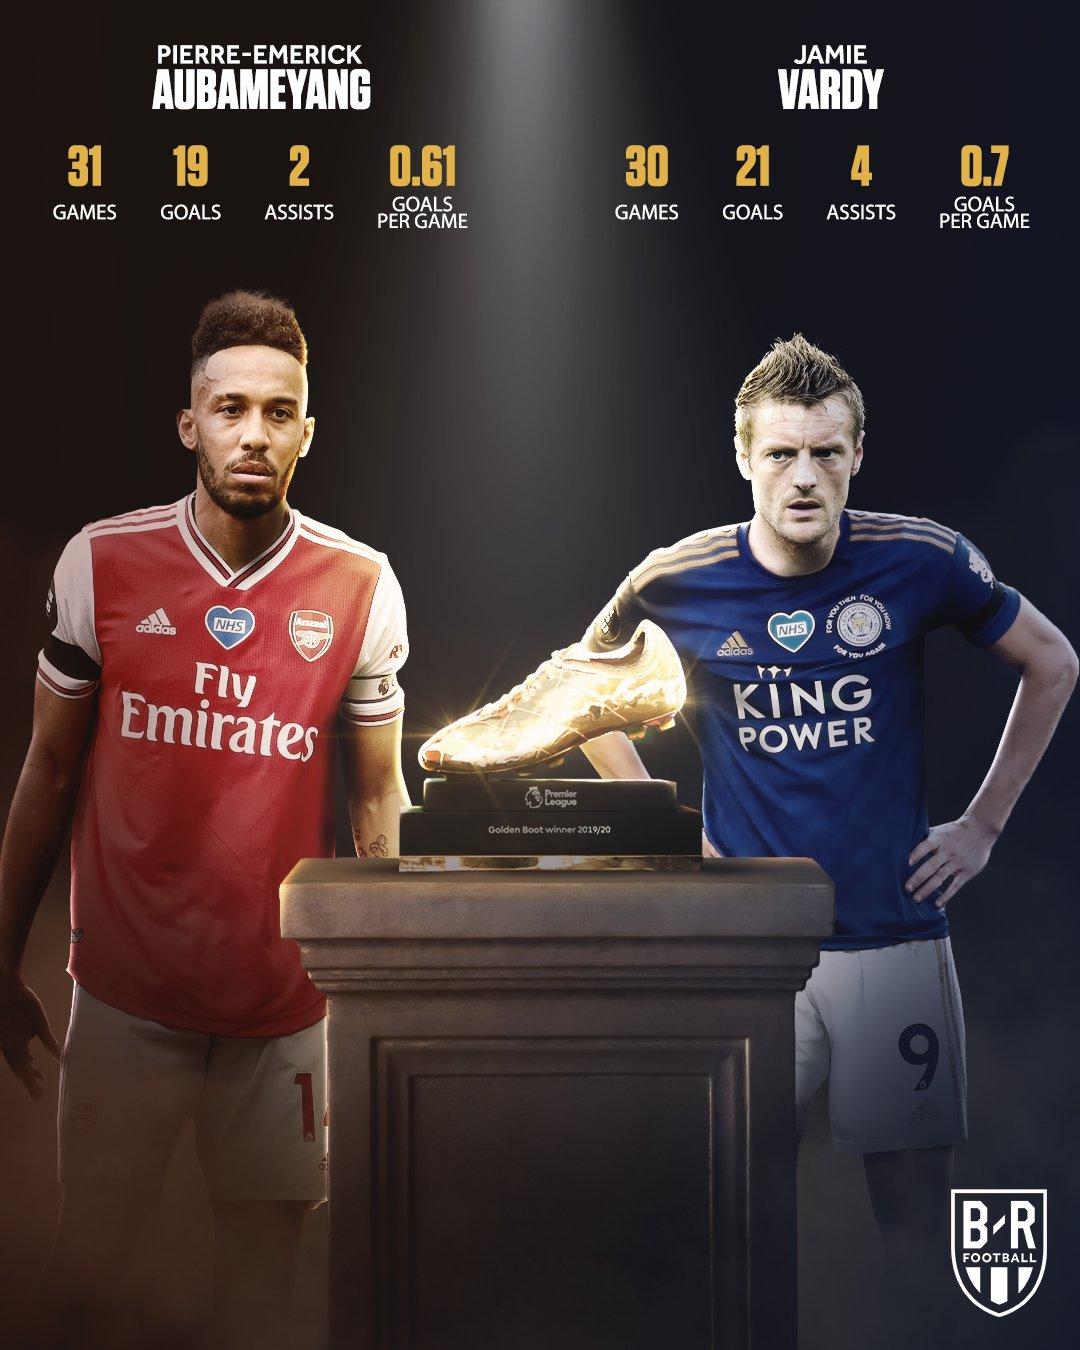 B/R海报:枪手战蓝狐,奥巴梅扬与瓦尔迪的英超金靴之争